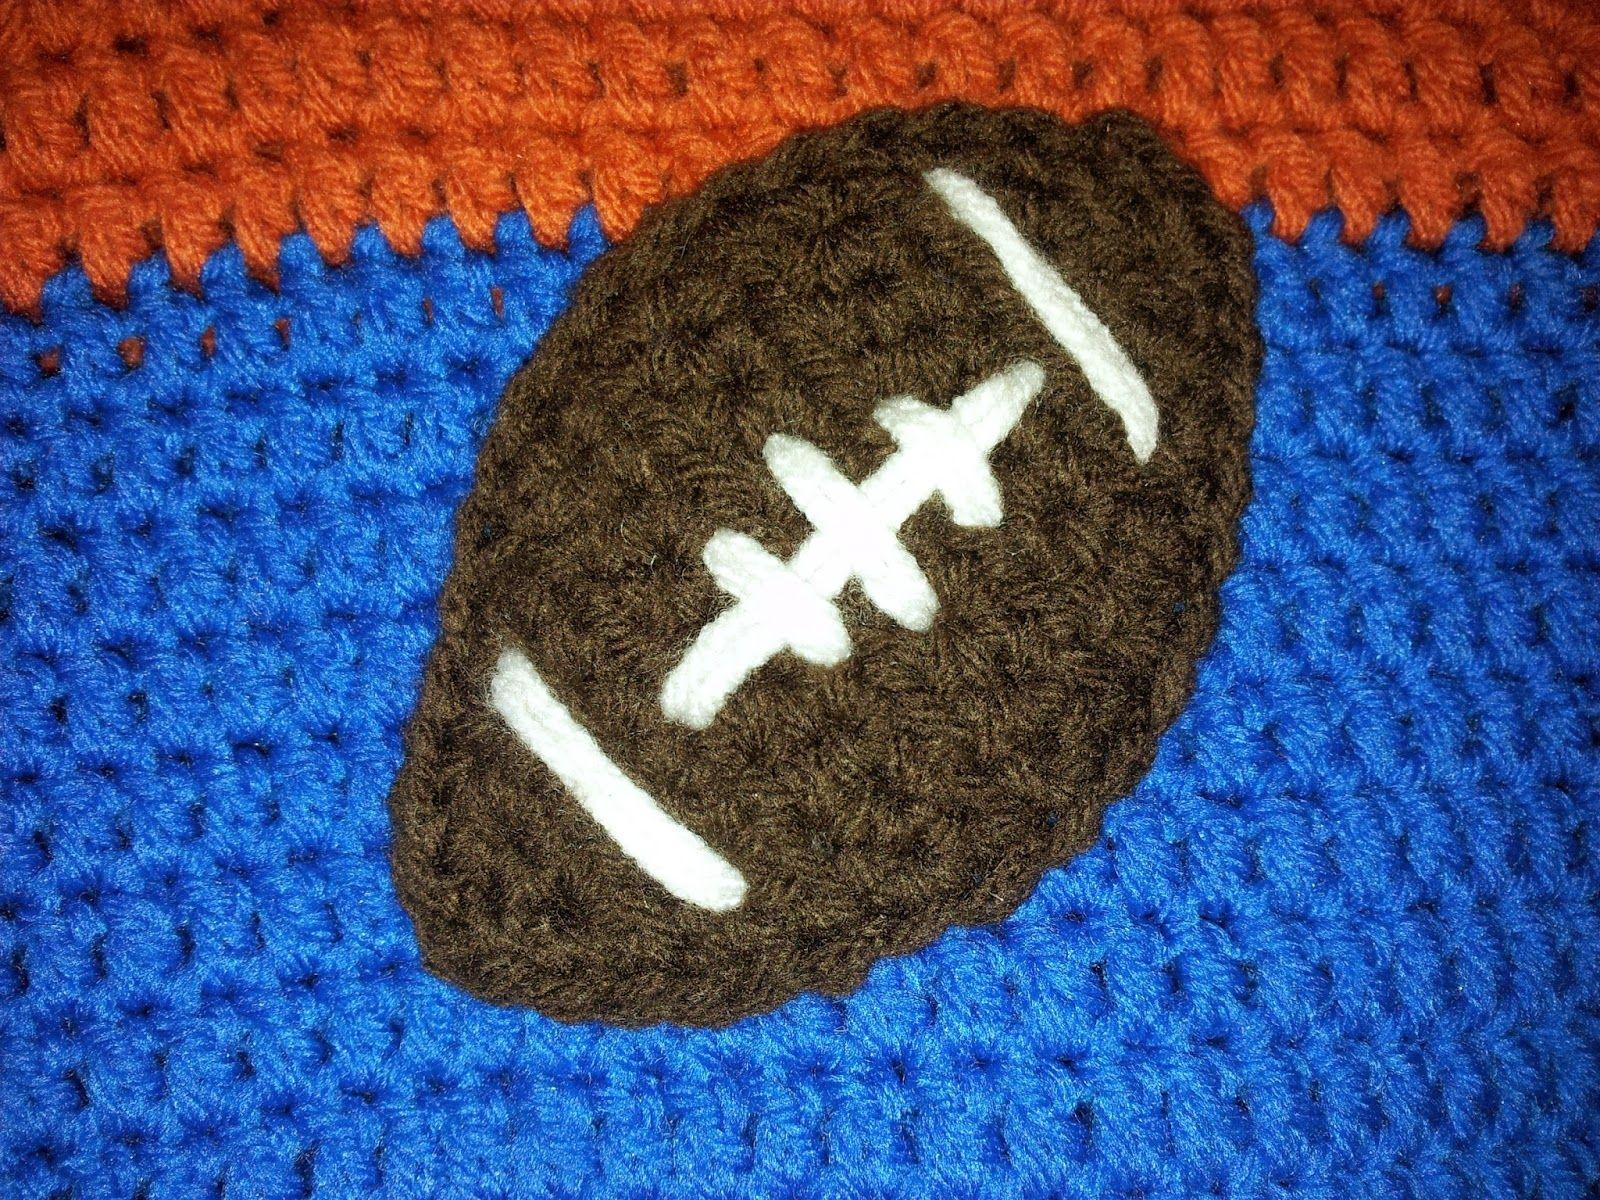 Pin von MrsGoogie Willis auf Crochet Embellishments | Pinterest